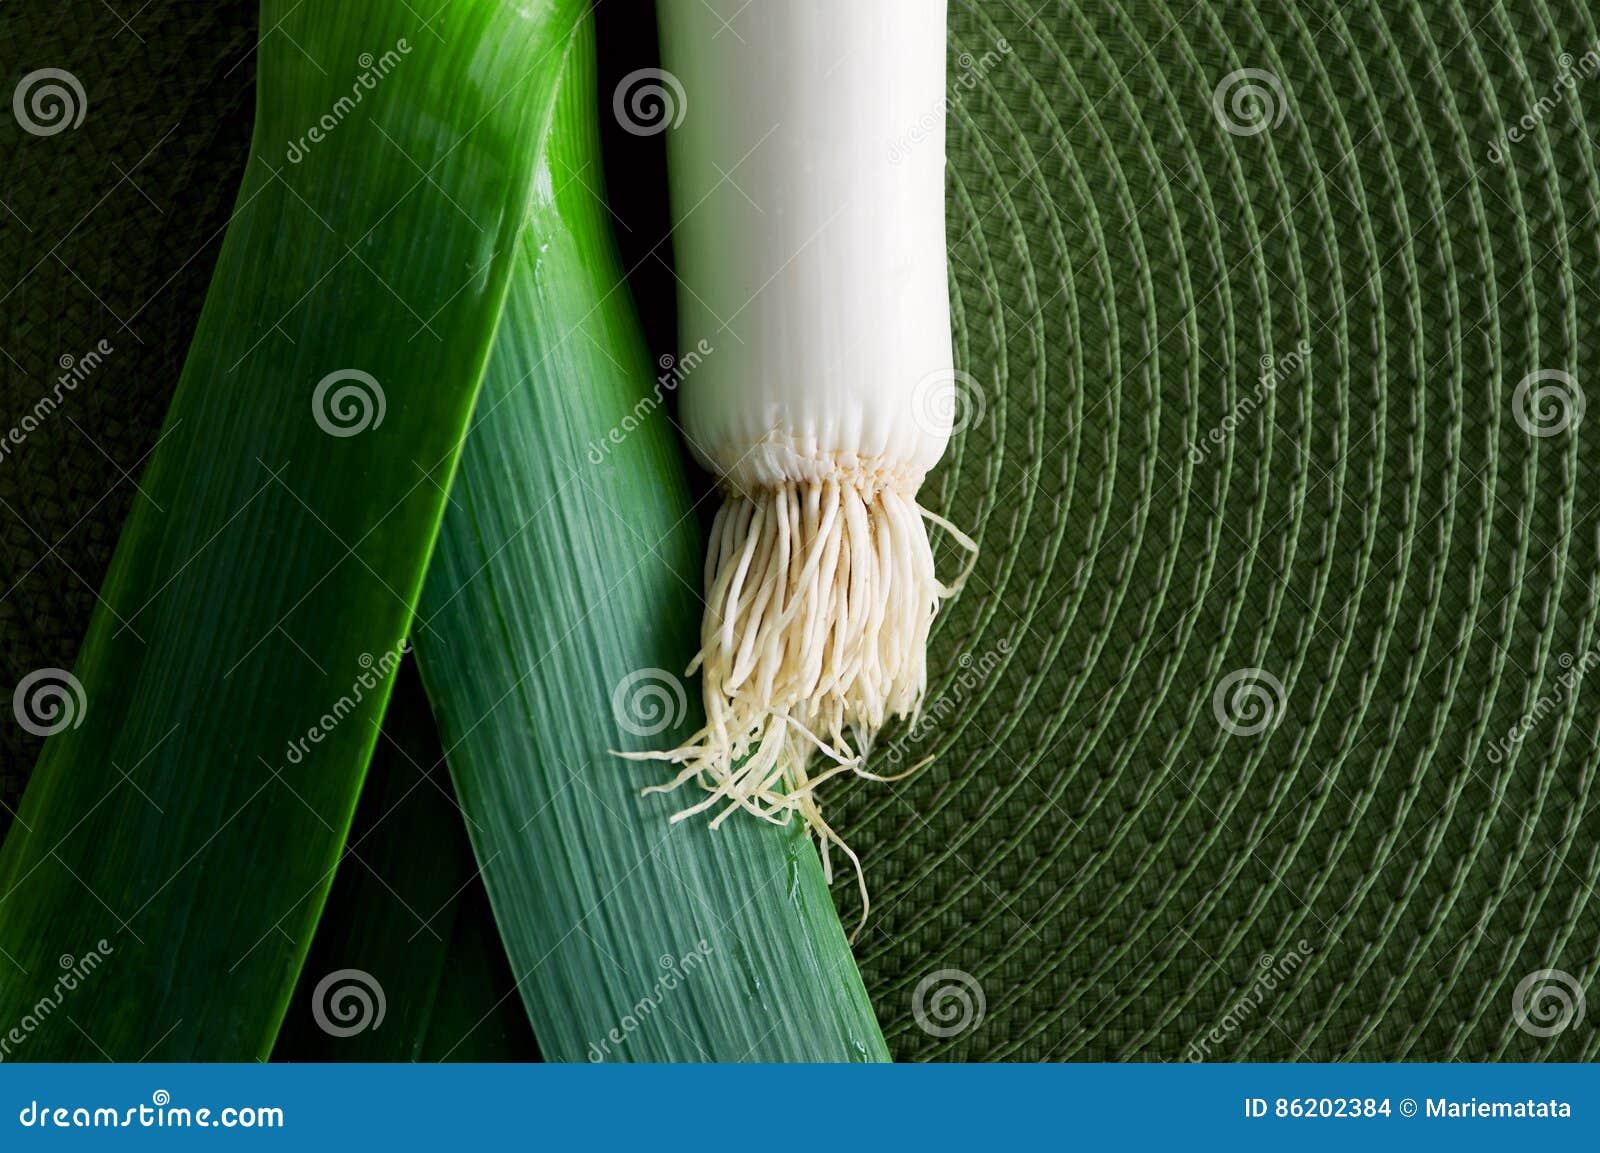 Лук-порей над зеленым цветом